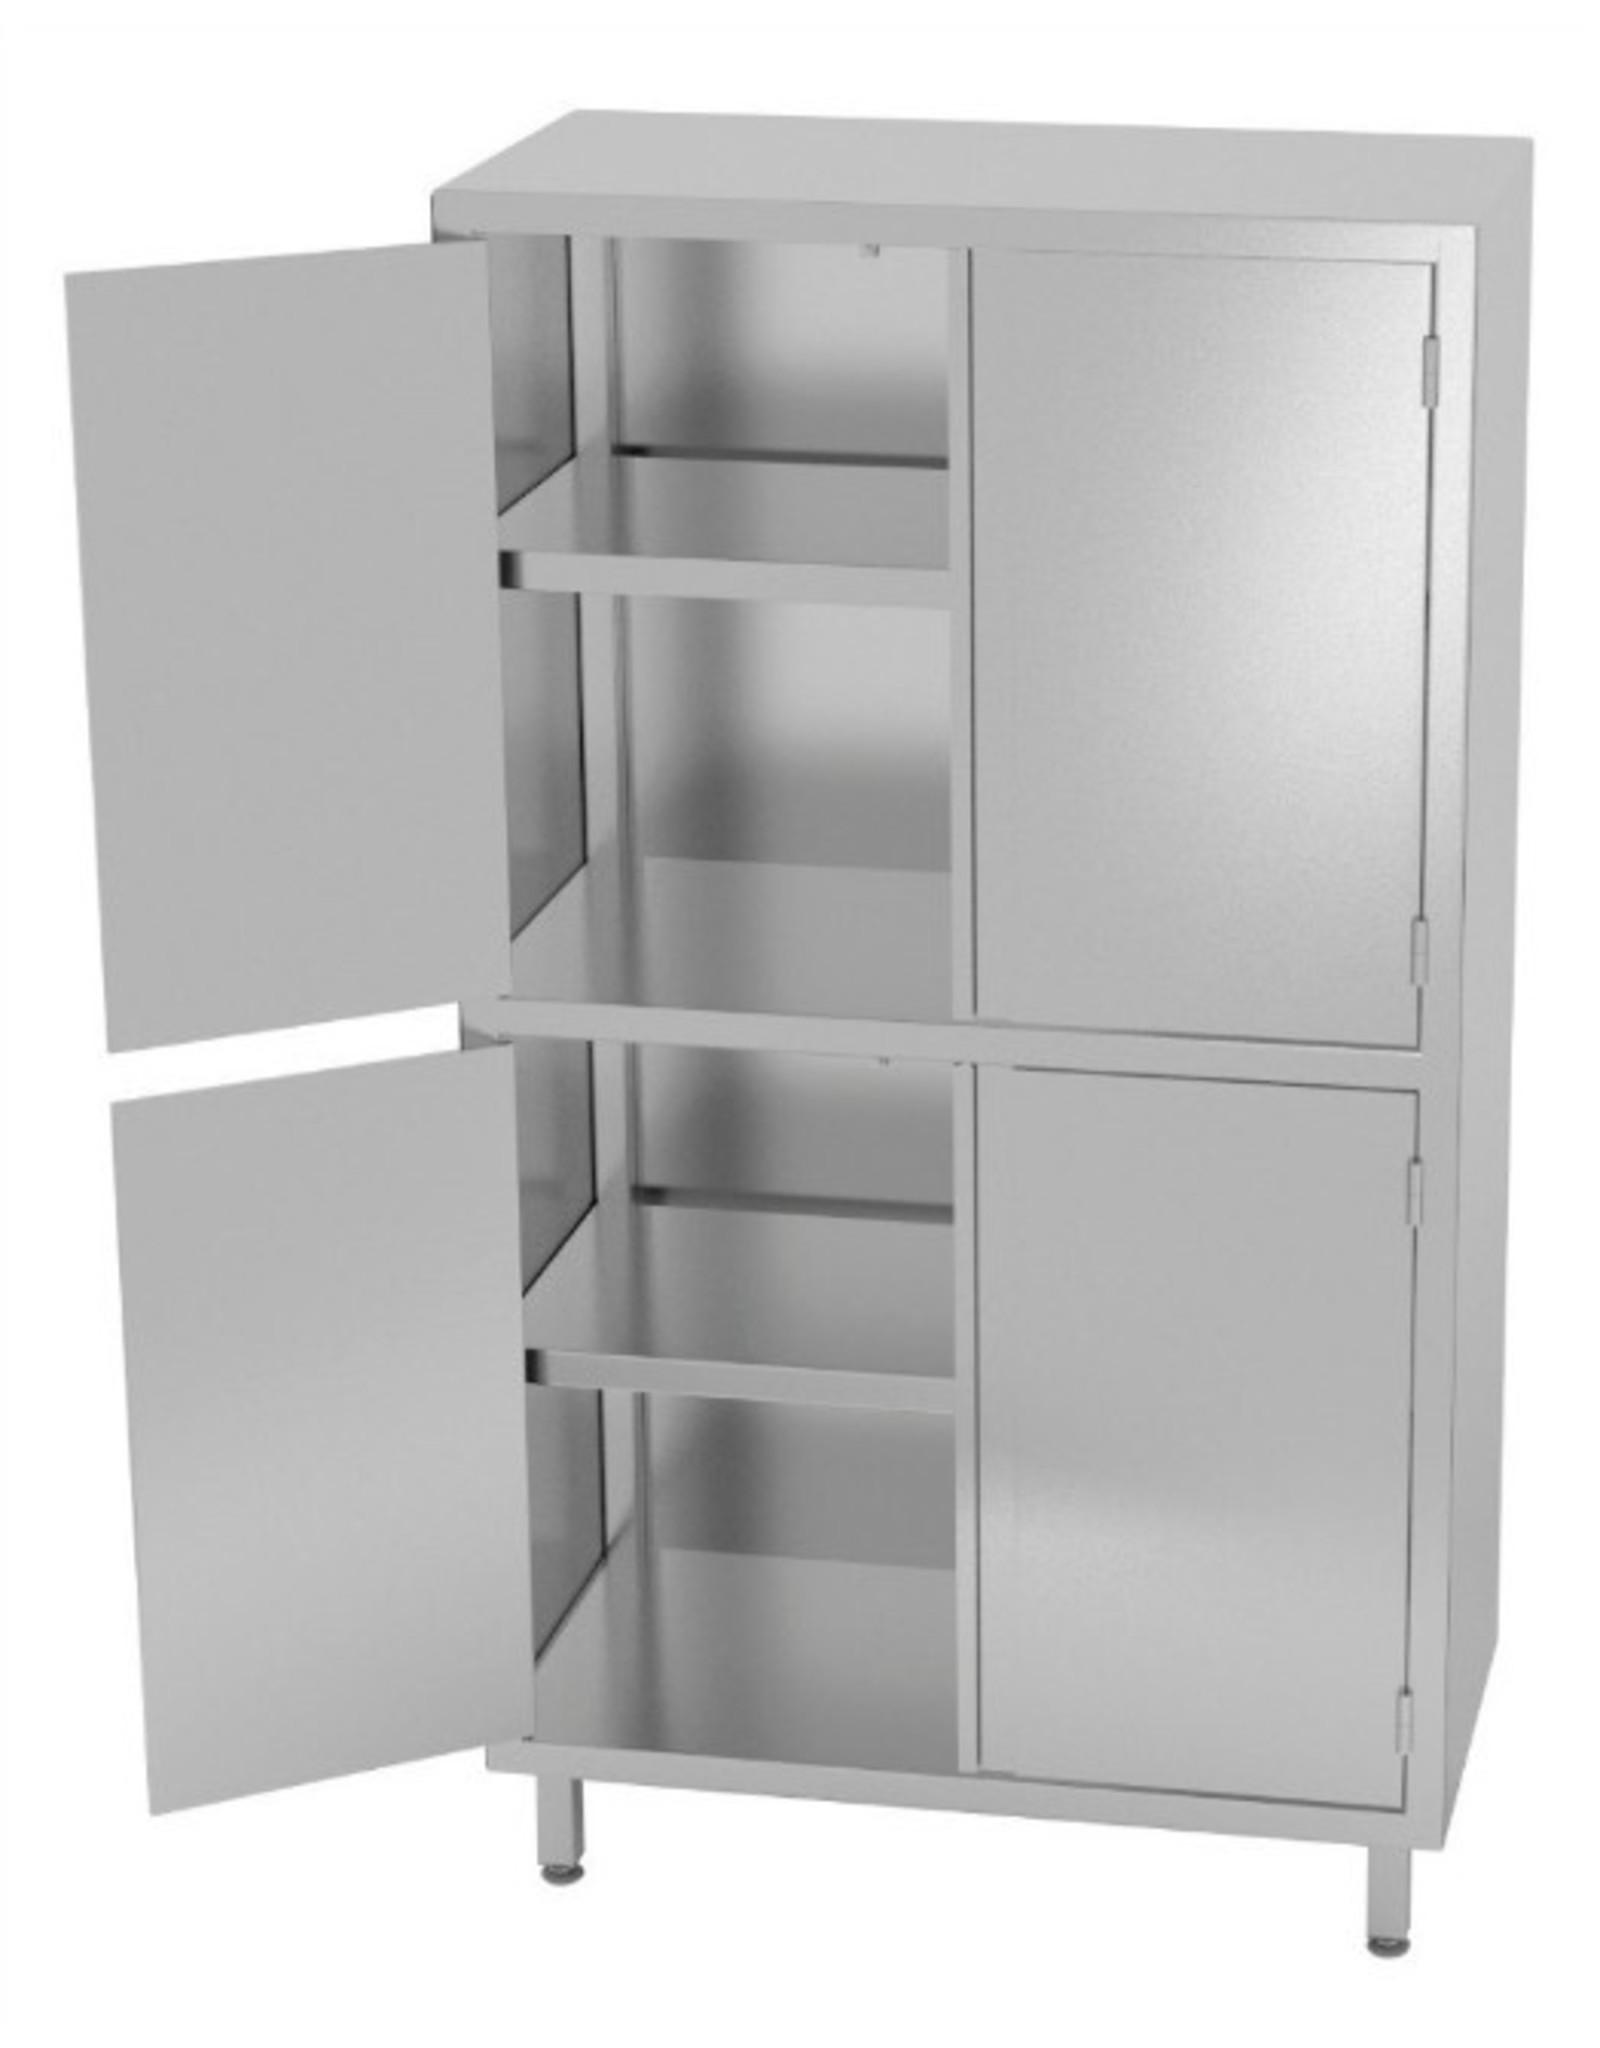 Kast met boven en onder dubbele klapdeuren | 800-1200mm breed | 500-700mm diep | 2000mm hoog